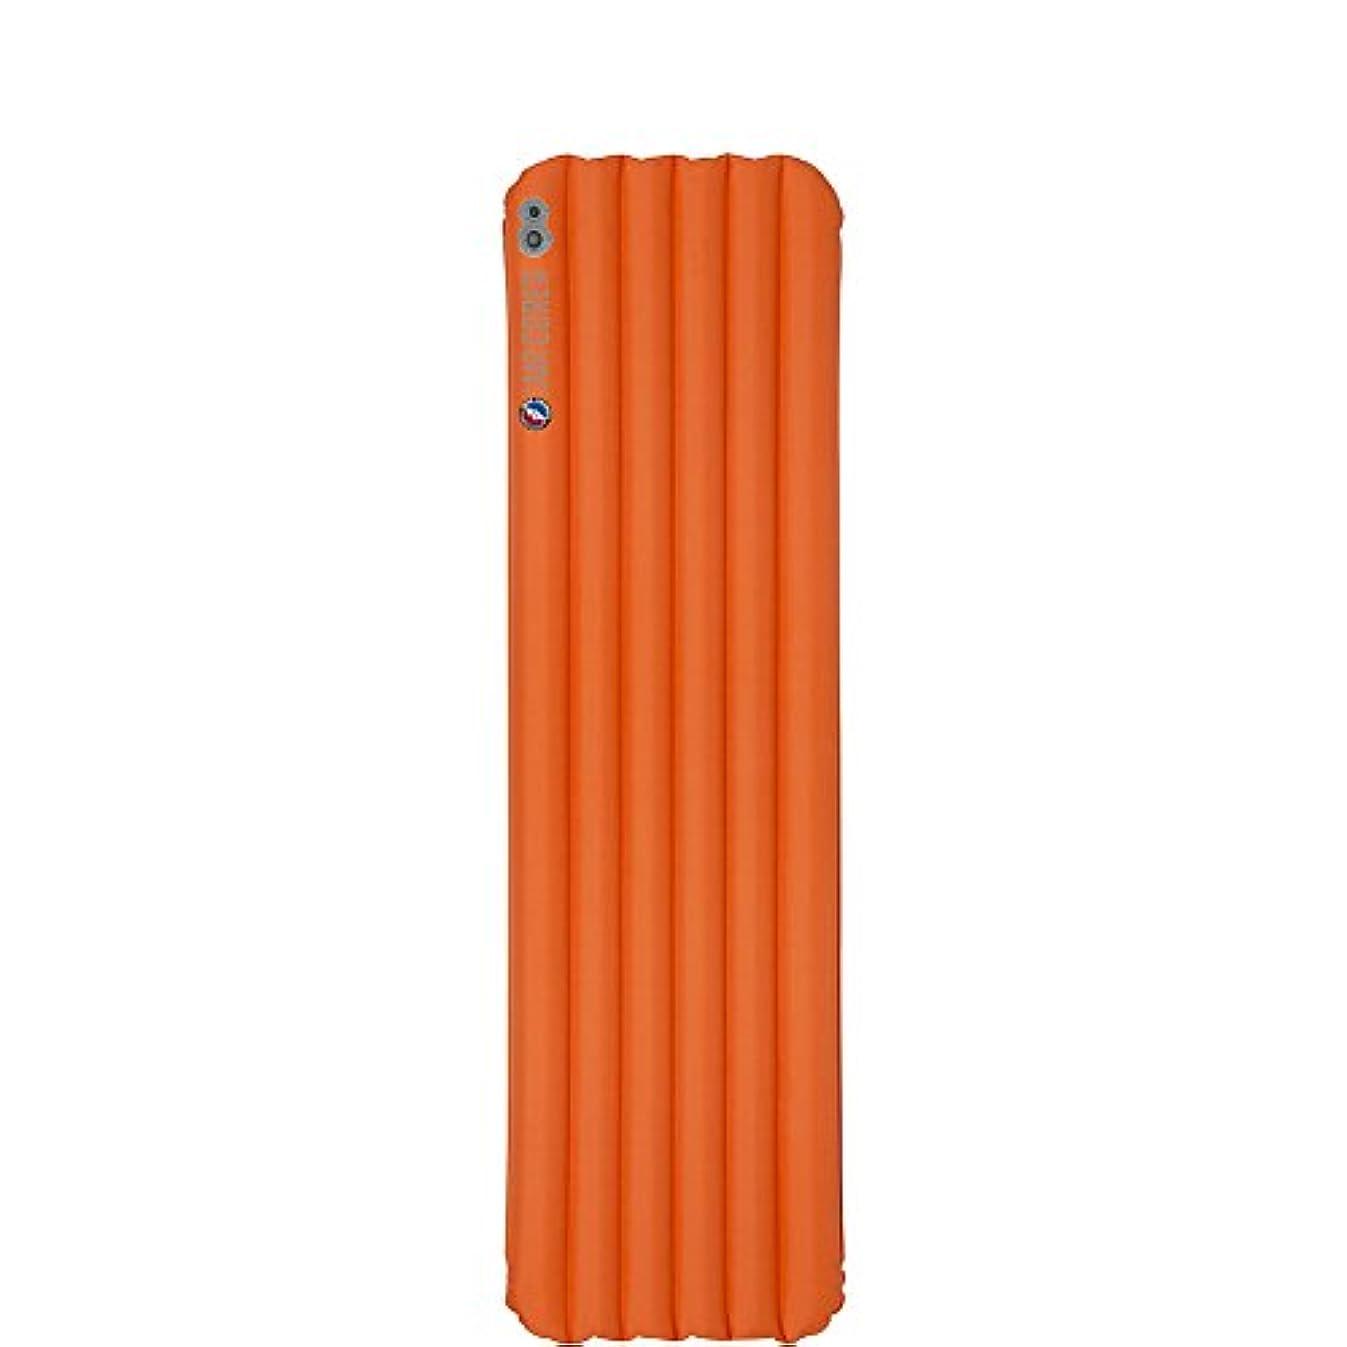 く試す寛大な(ビッグアグネス)BIG AGNES Insulated Air Core Ultra オレンジ ショート(122cm) PIACUS17